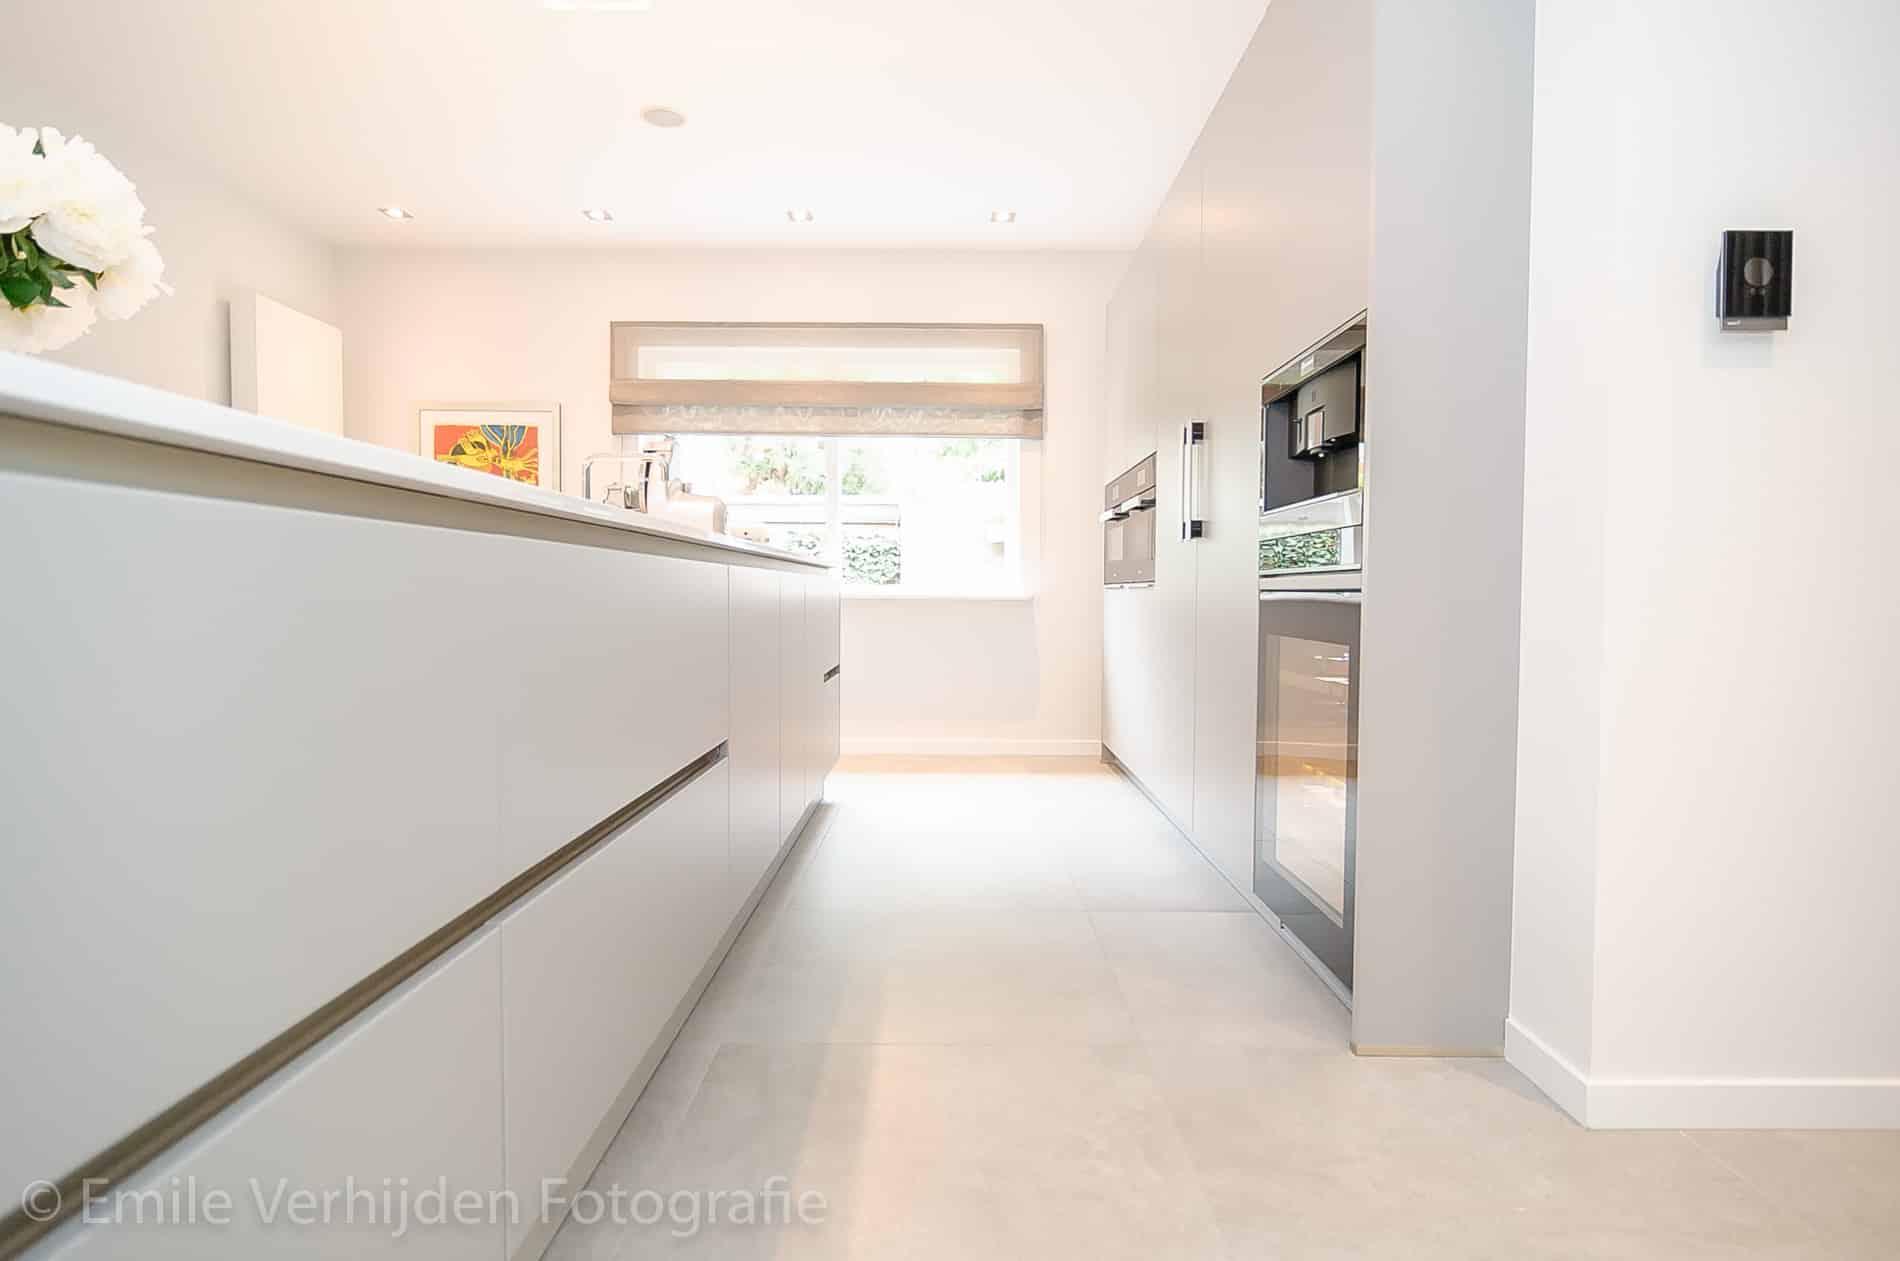 Woningfotograaf limburg - Voorbeeld van open keuken ...